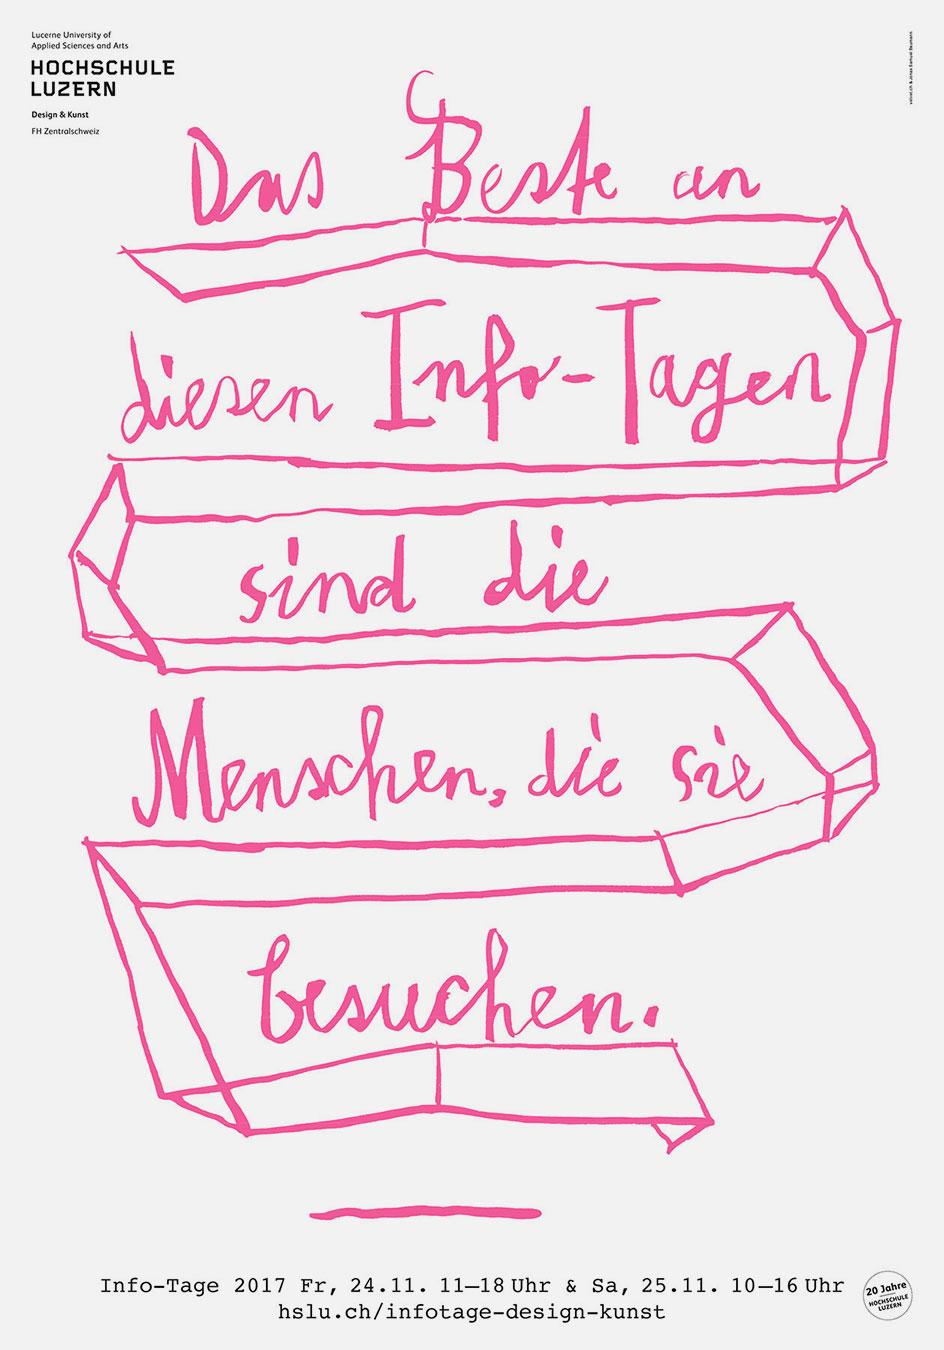 Hochschule Luzern Design und Kunst Werkschau Plakat Werbung Design